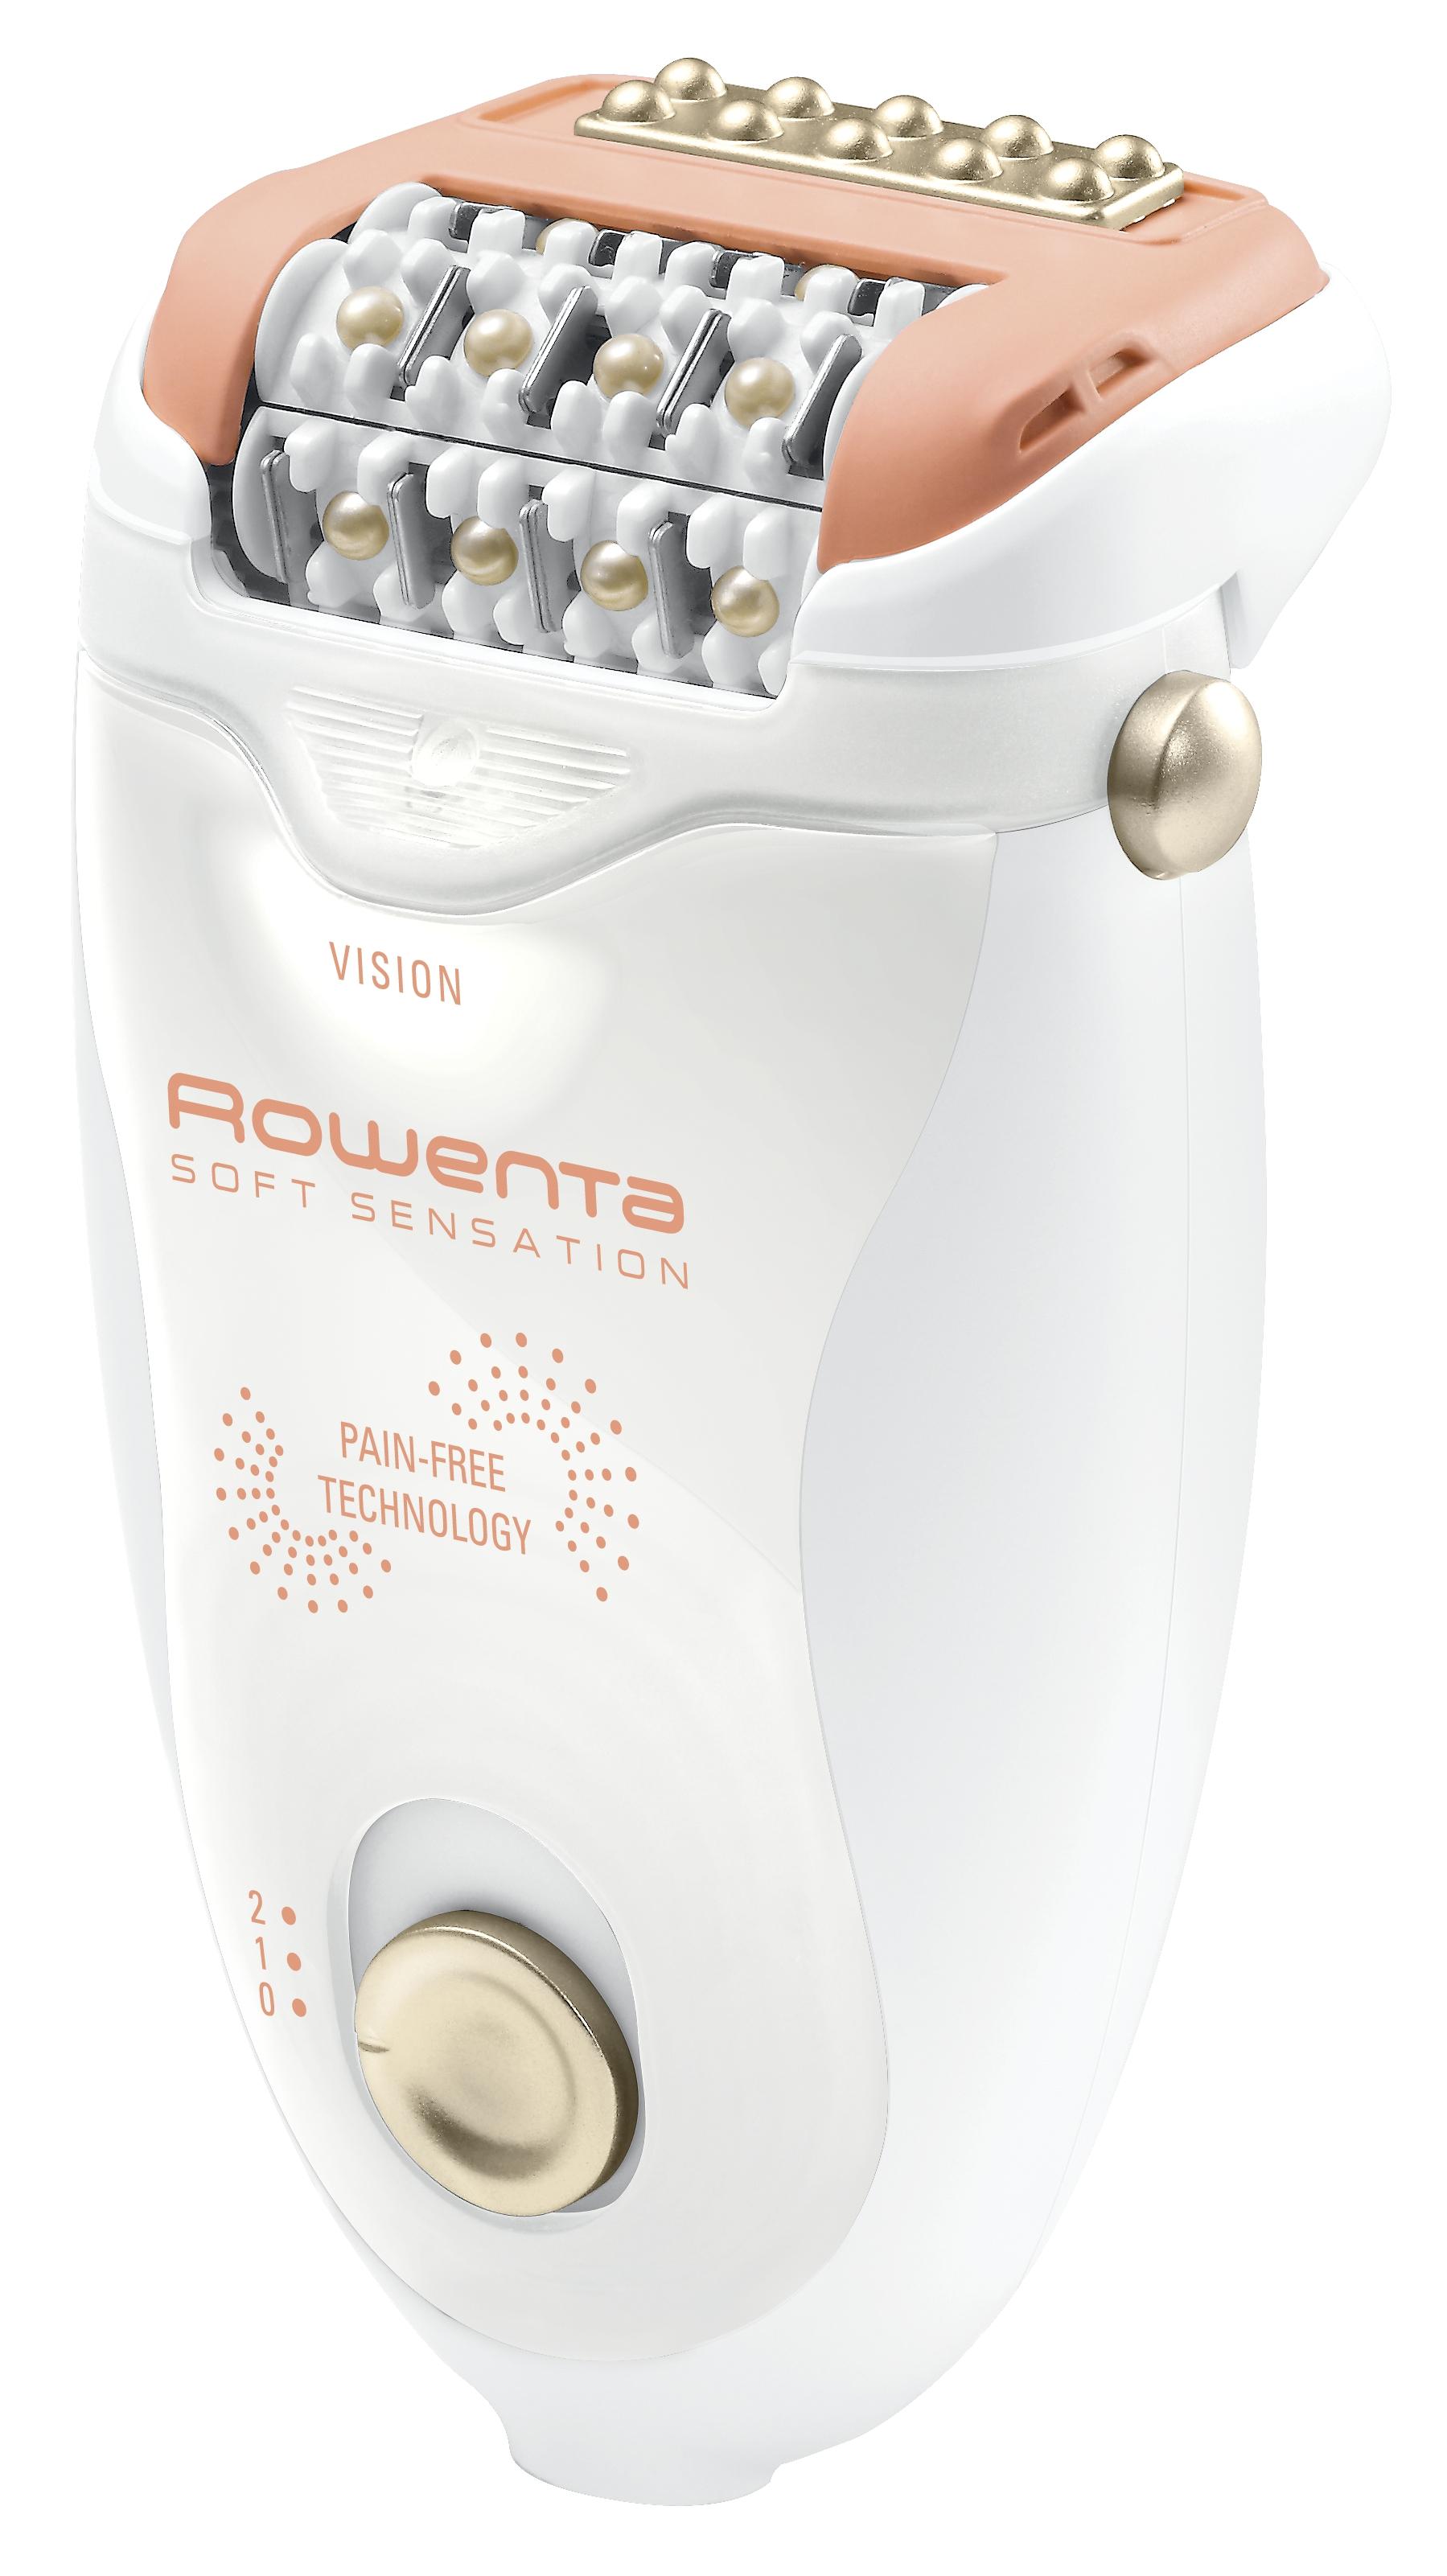 Rowenta EP5700F0 Silence эпиляторEP5700F0Эпилятор Rowenta EP5700F0 Silence обеспечивает повышенный комфорт и надежность использования. Бритвенная насадка гарантирует нежное и качественное удаление всех нежелательных волос. Для наиболее комфортной эпиляции в данной модели реализована уникальная технология Pain-Free, которая благодаря высокой частоте движения массажной пластины и системе многочисленных импульсов успокаивает кожу во время эпиляции. В комплект входит передовая съемная насадка с плавающей головкой и 24 высокоточными пинцетами запатентованной формы, которые бережно приподнимают и захватывают волоски и обеспечивают идеальную гладкость кожи. Эпилятор совмещает высокоэффективное удаление волос с технологией обезболивания, обеспечивая идеальную гладкость кожи. Система десенсибилизации, благодаря вибрирующей головке, работающей с частотой 1400 импульсов в секунду, делает эпиляцию приятным и безболезненным процессом. Технология Микро-контакт обеспечивает плотное прилегание к коже, а 24 высокоточных...